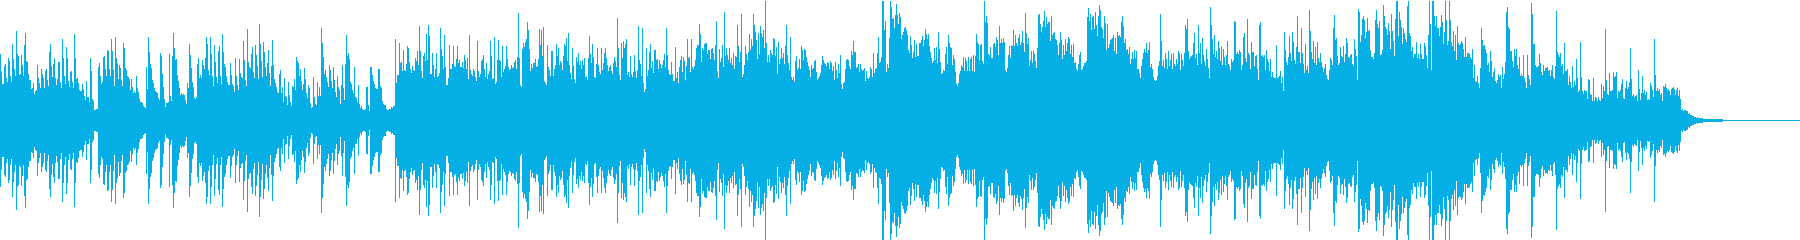 企業VPや自然映像に/期待・感動ピアノの再生済みの波形